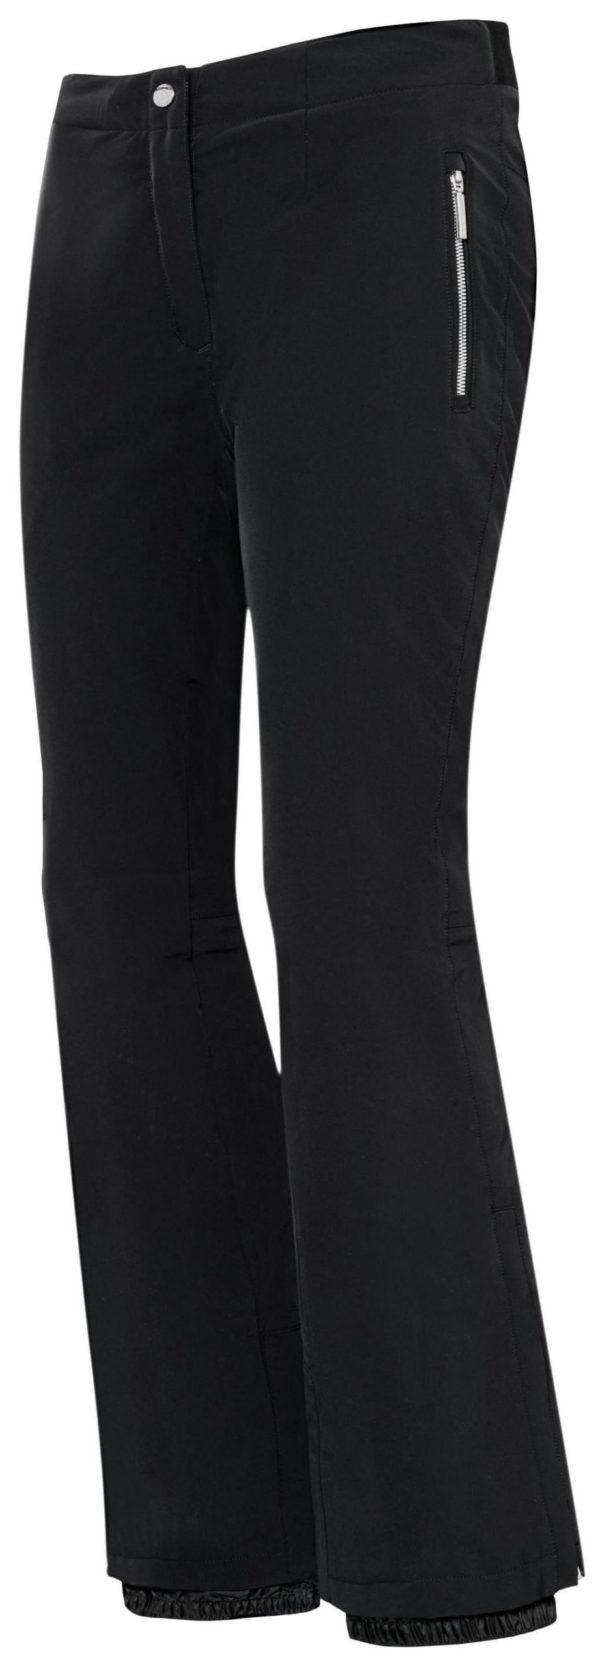 Женские брюки Descente Harriet (укороченные) - фото 1